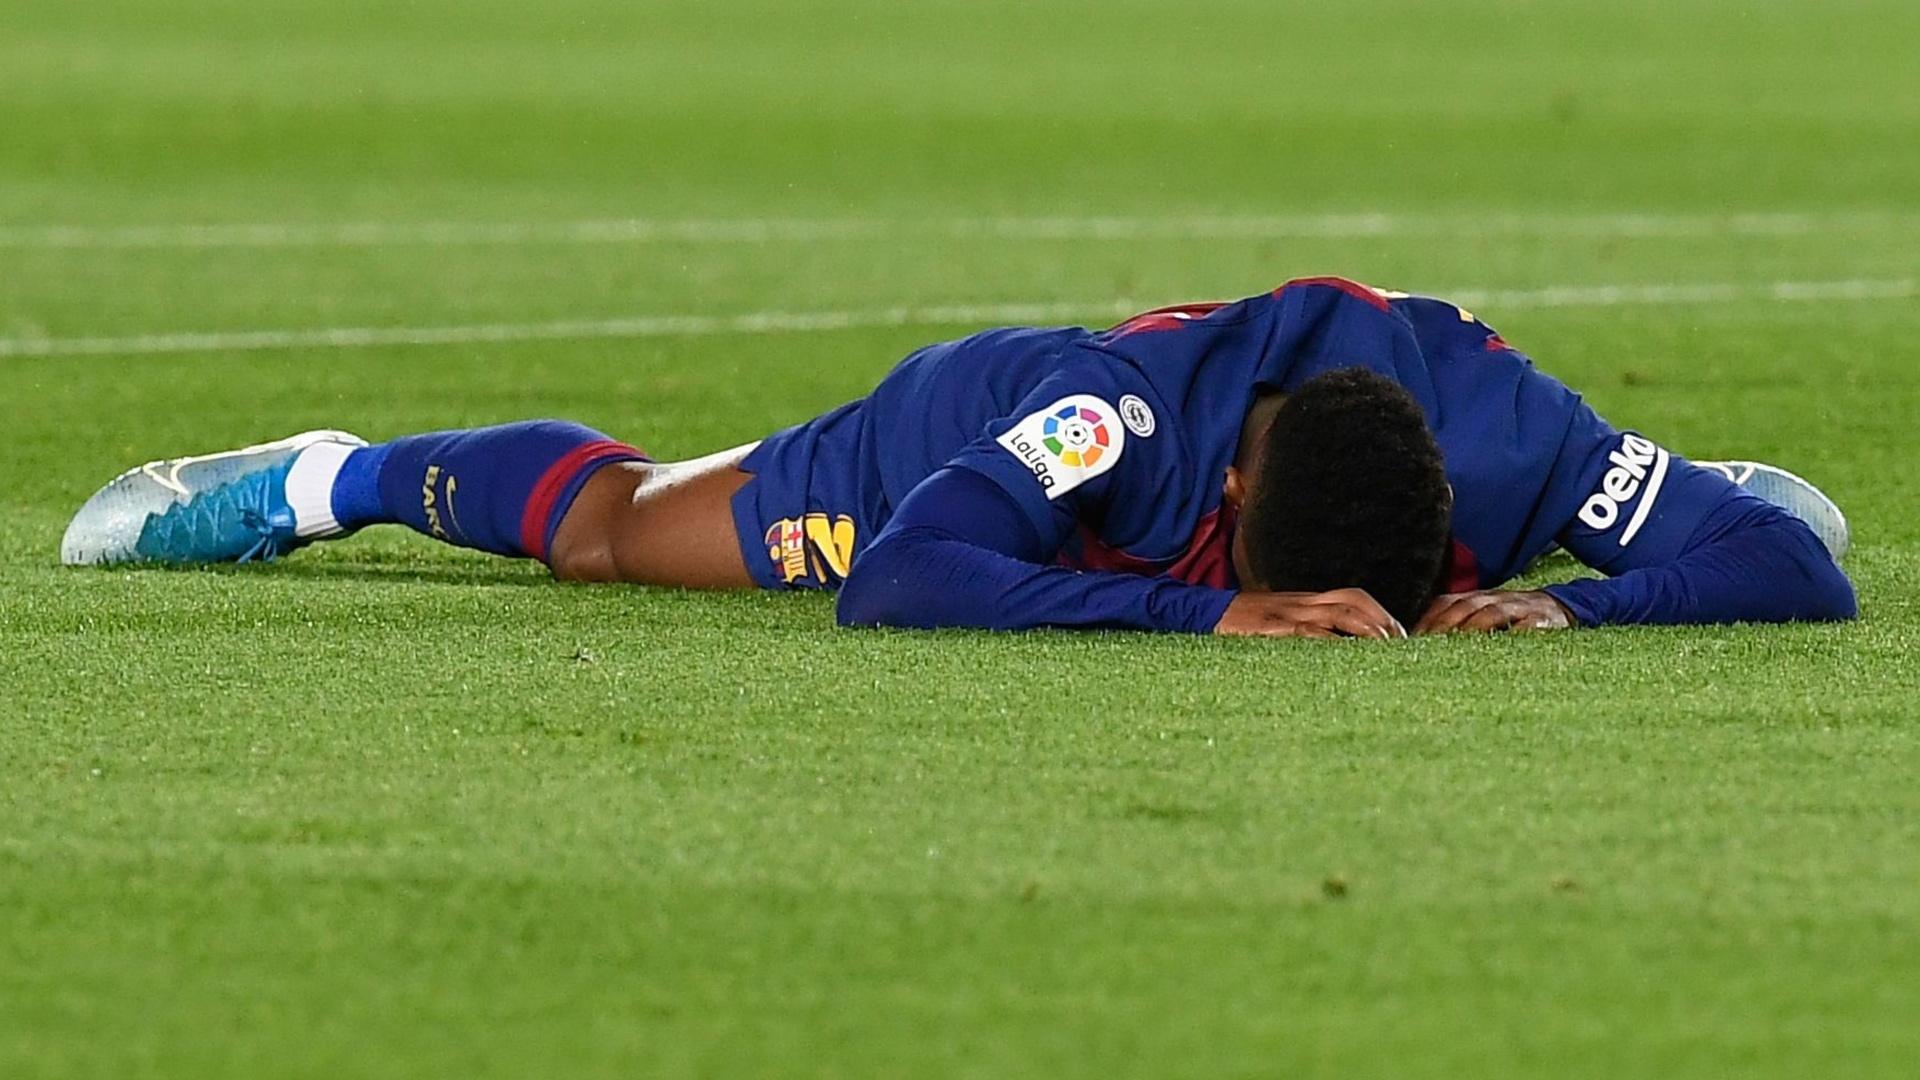 مسلسل سرقة نجوم الكرة مستمر.. والضحية مدافع برشلونة